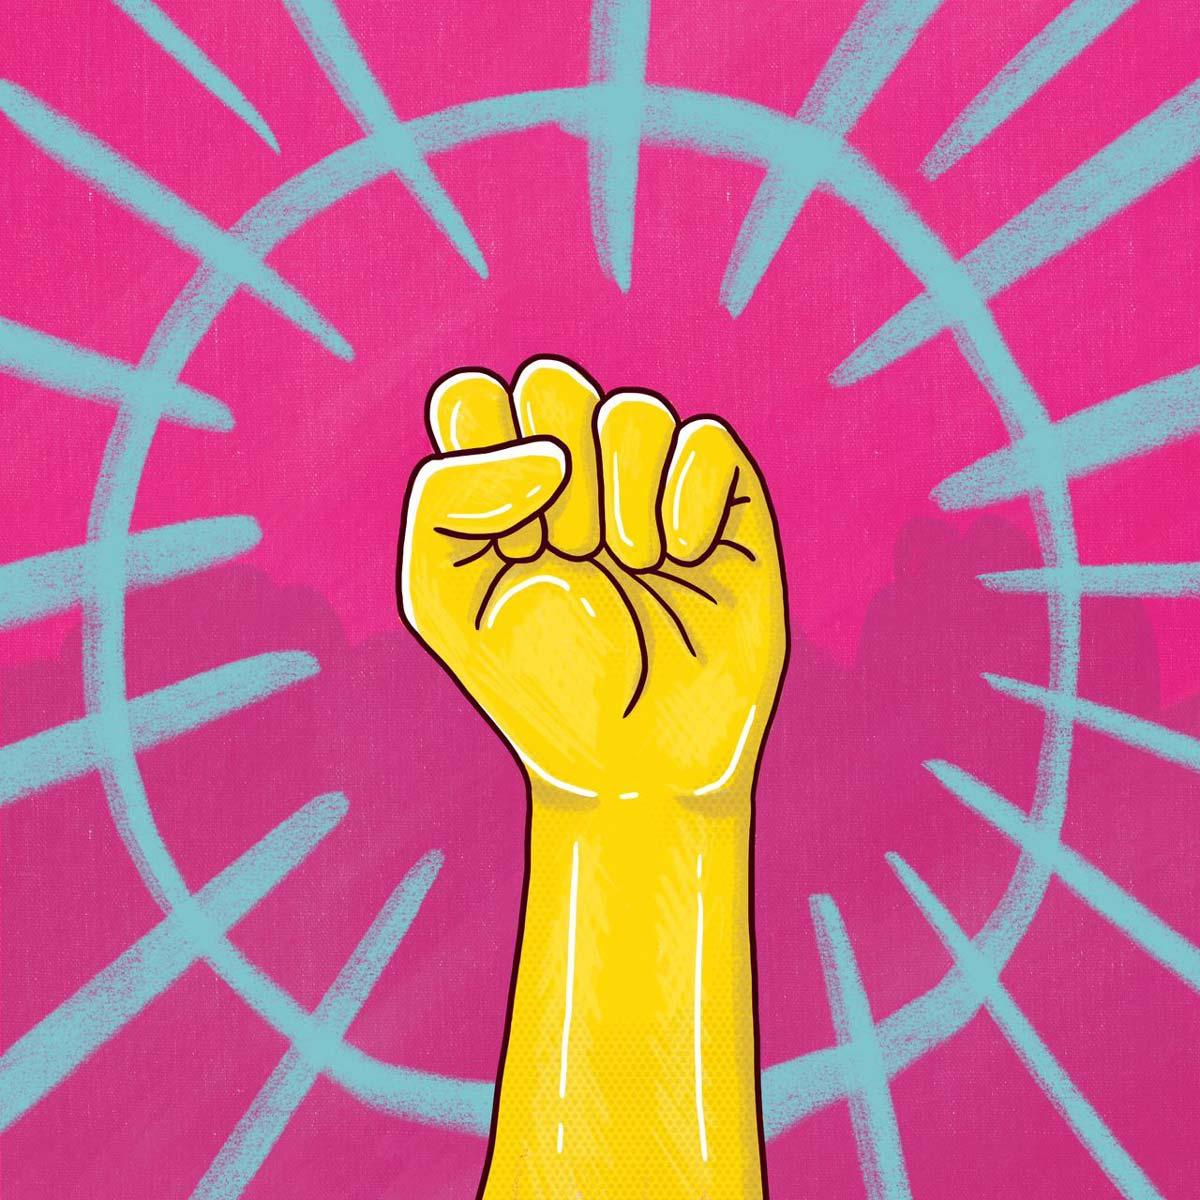 Puño en alto con un guante de goma y colores vibrantes